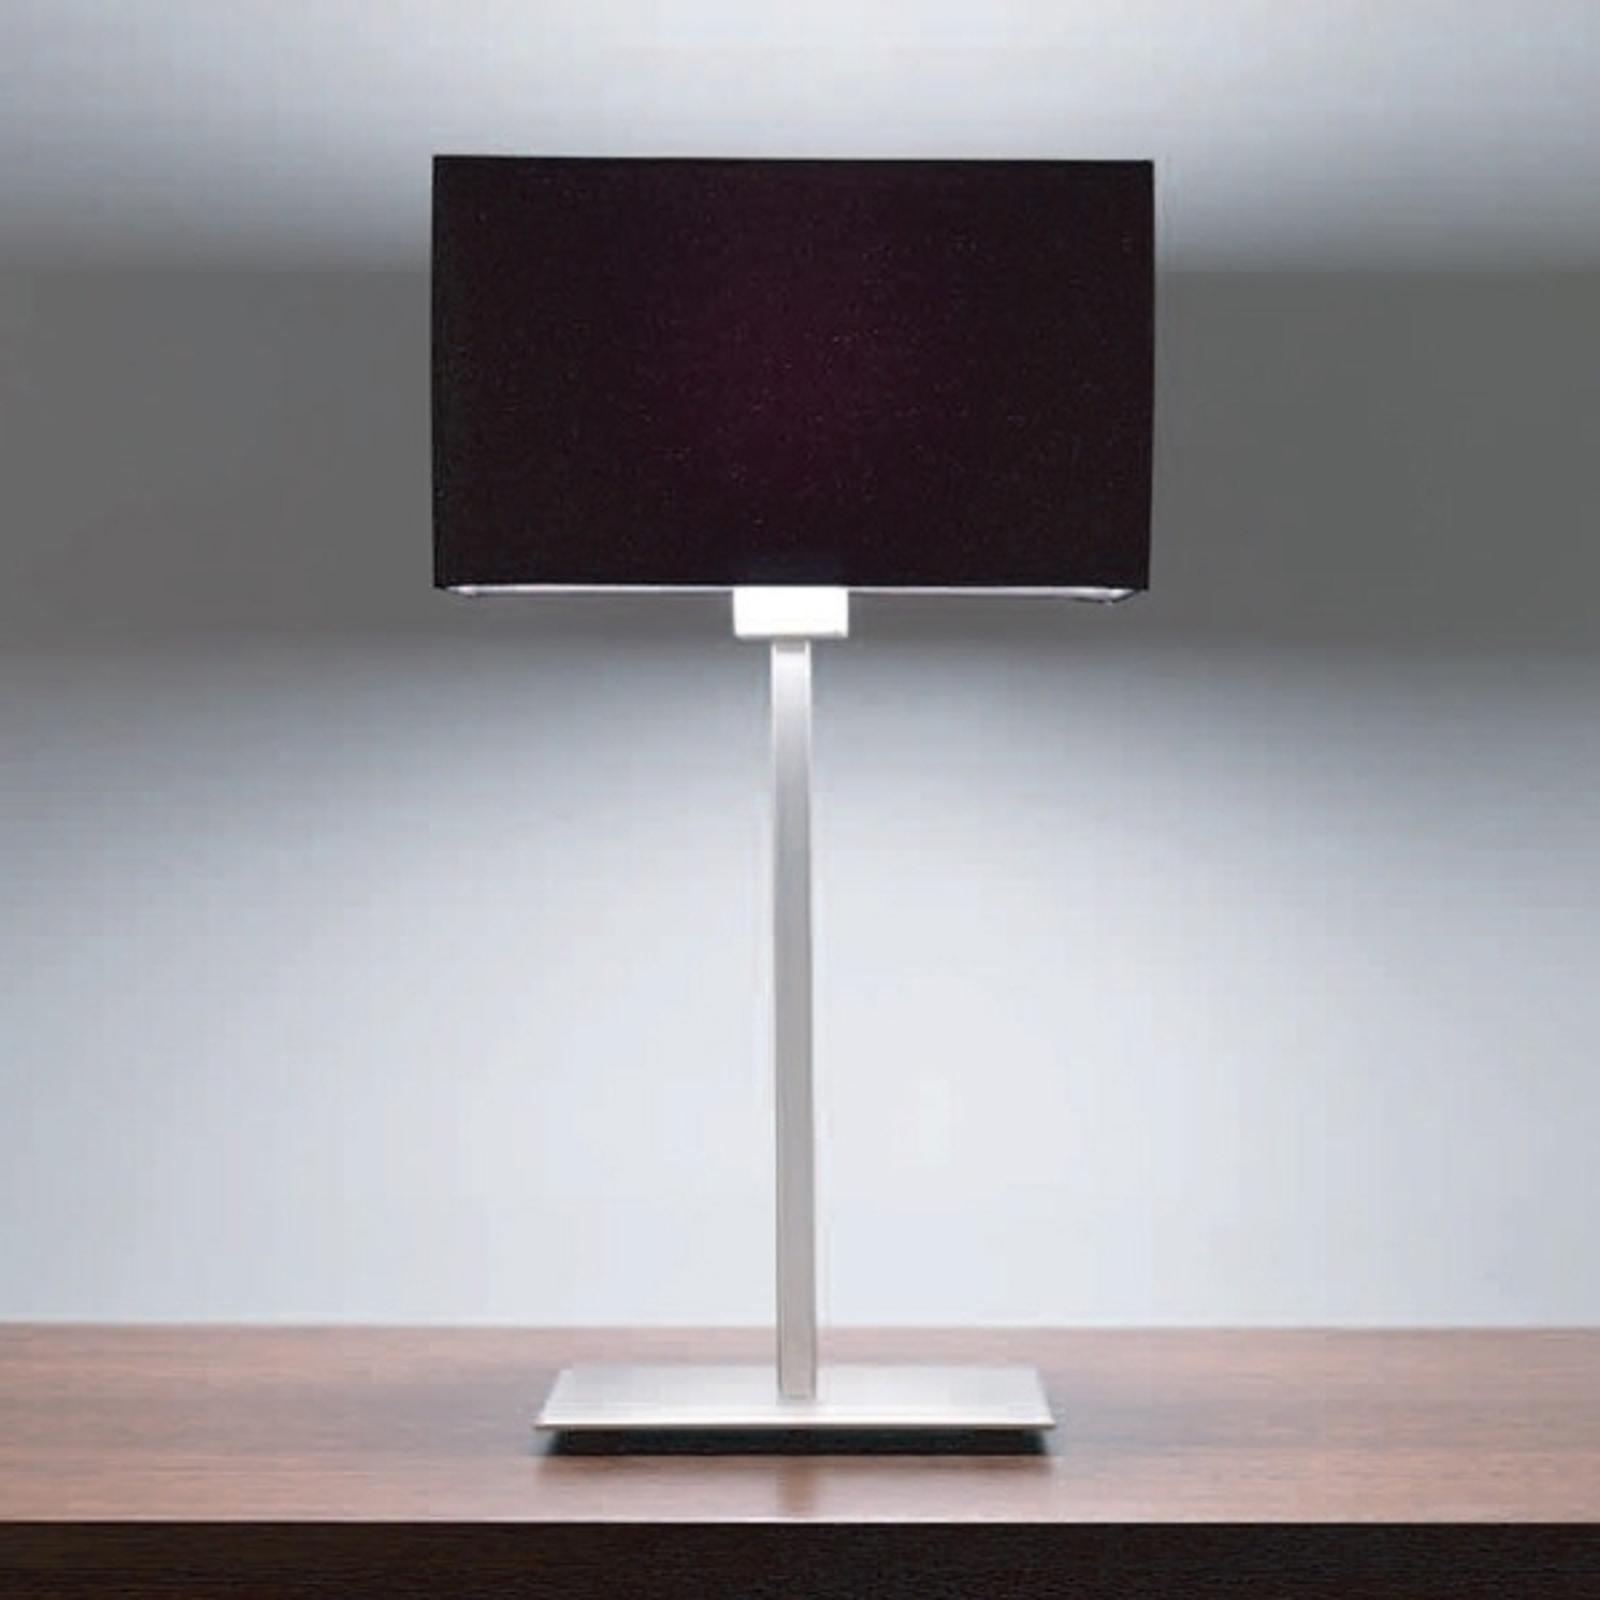 Szlachetna lampa stołowa PARK LANE matowy, czarny